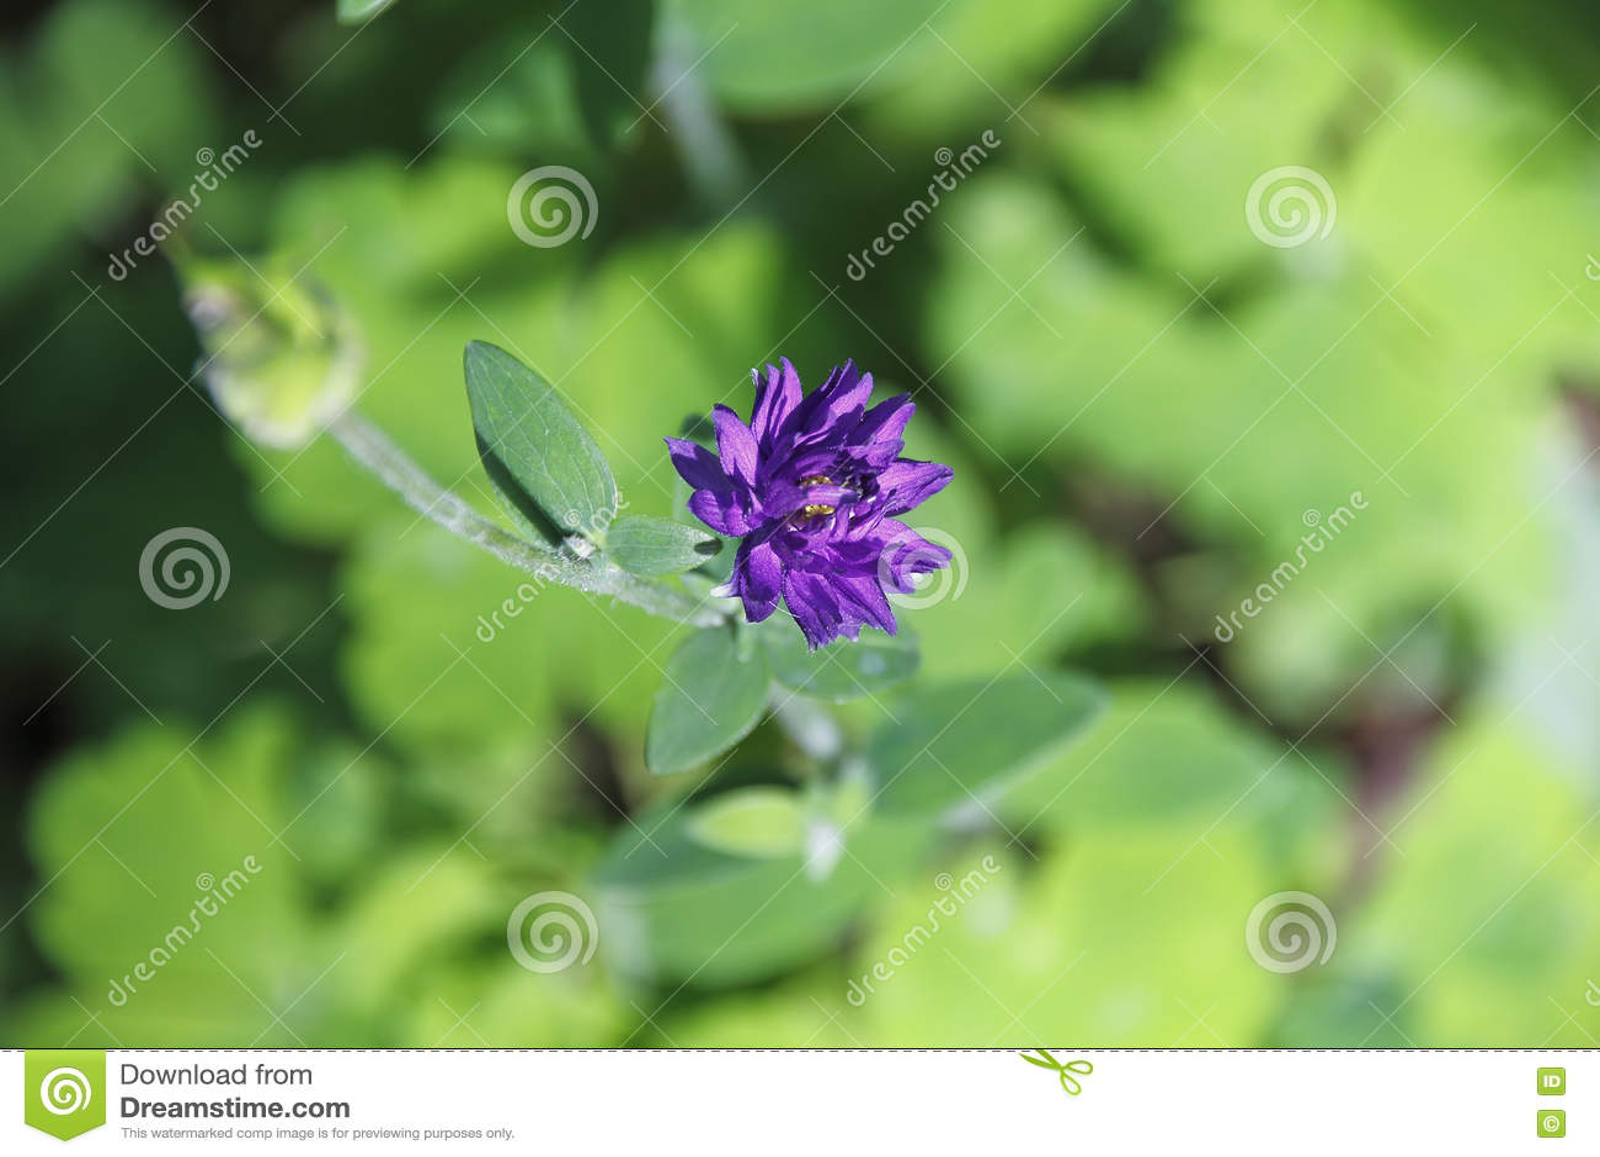 Download Малый, фиолетовый полевой цветок Стоковое Фото - изображение насчитывающей деталь, angiosperms: 72277690